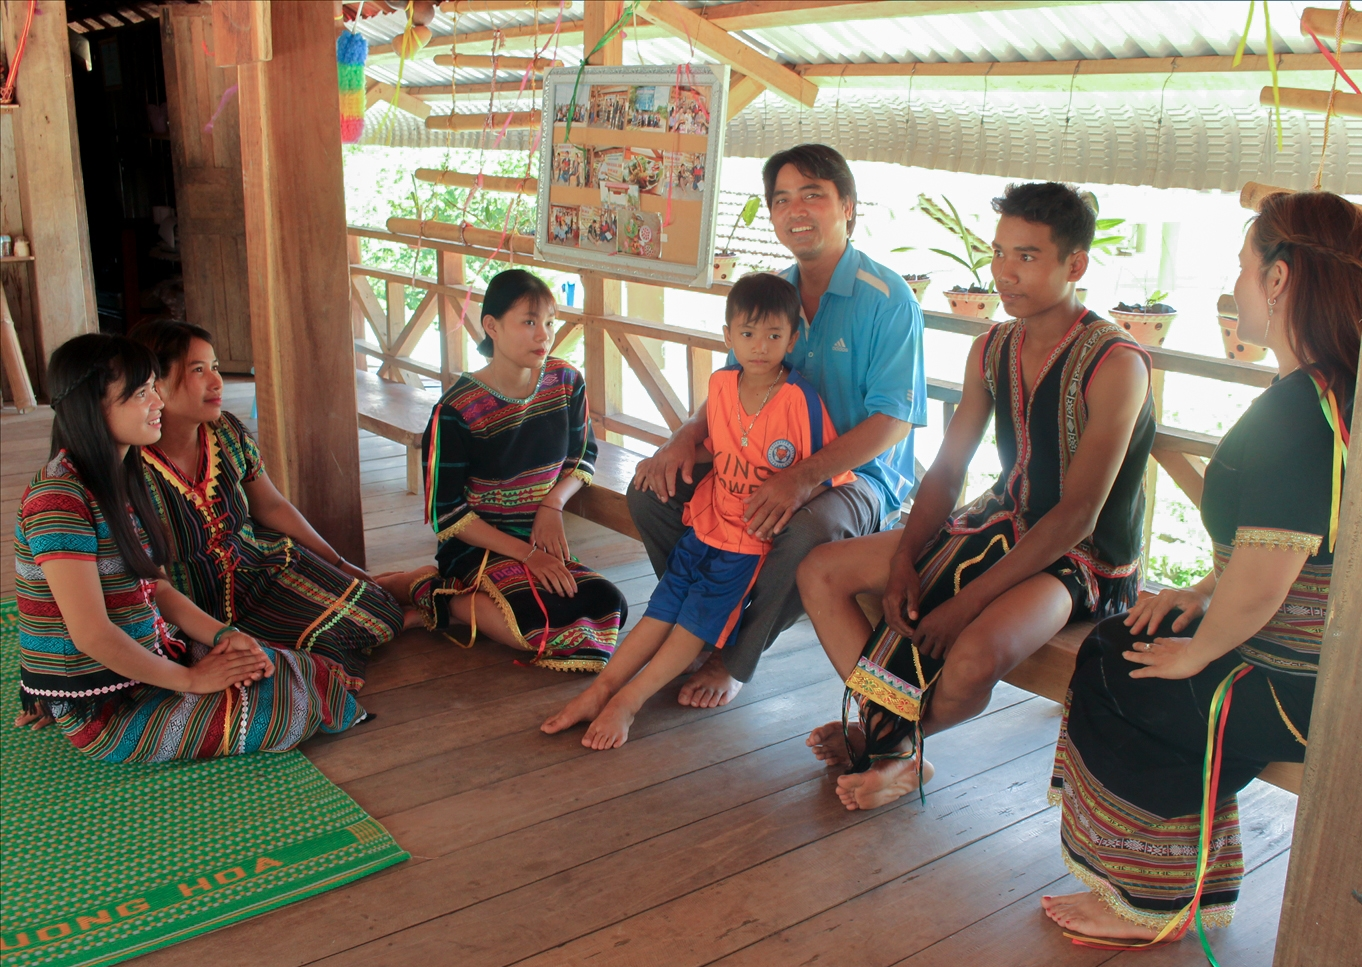 Ksor Y Thư (người thứ 4, từ trái sang) trao đổi công việc với thành viên CLB Âm nhạc buôn Ly- Ảnh: Hoàng Hà Thế